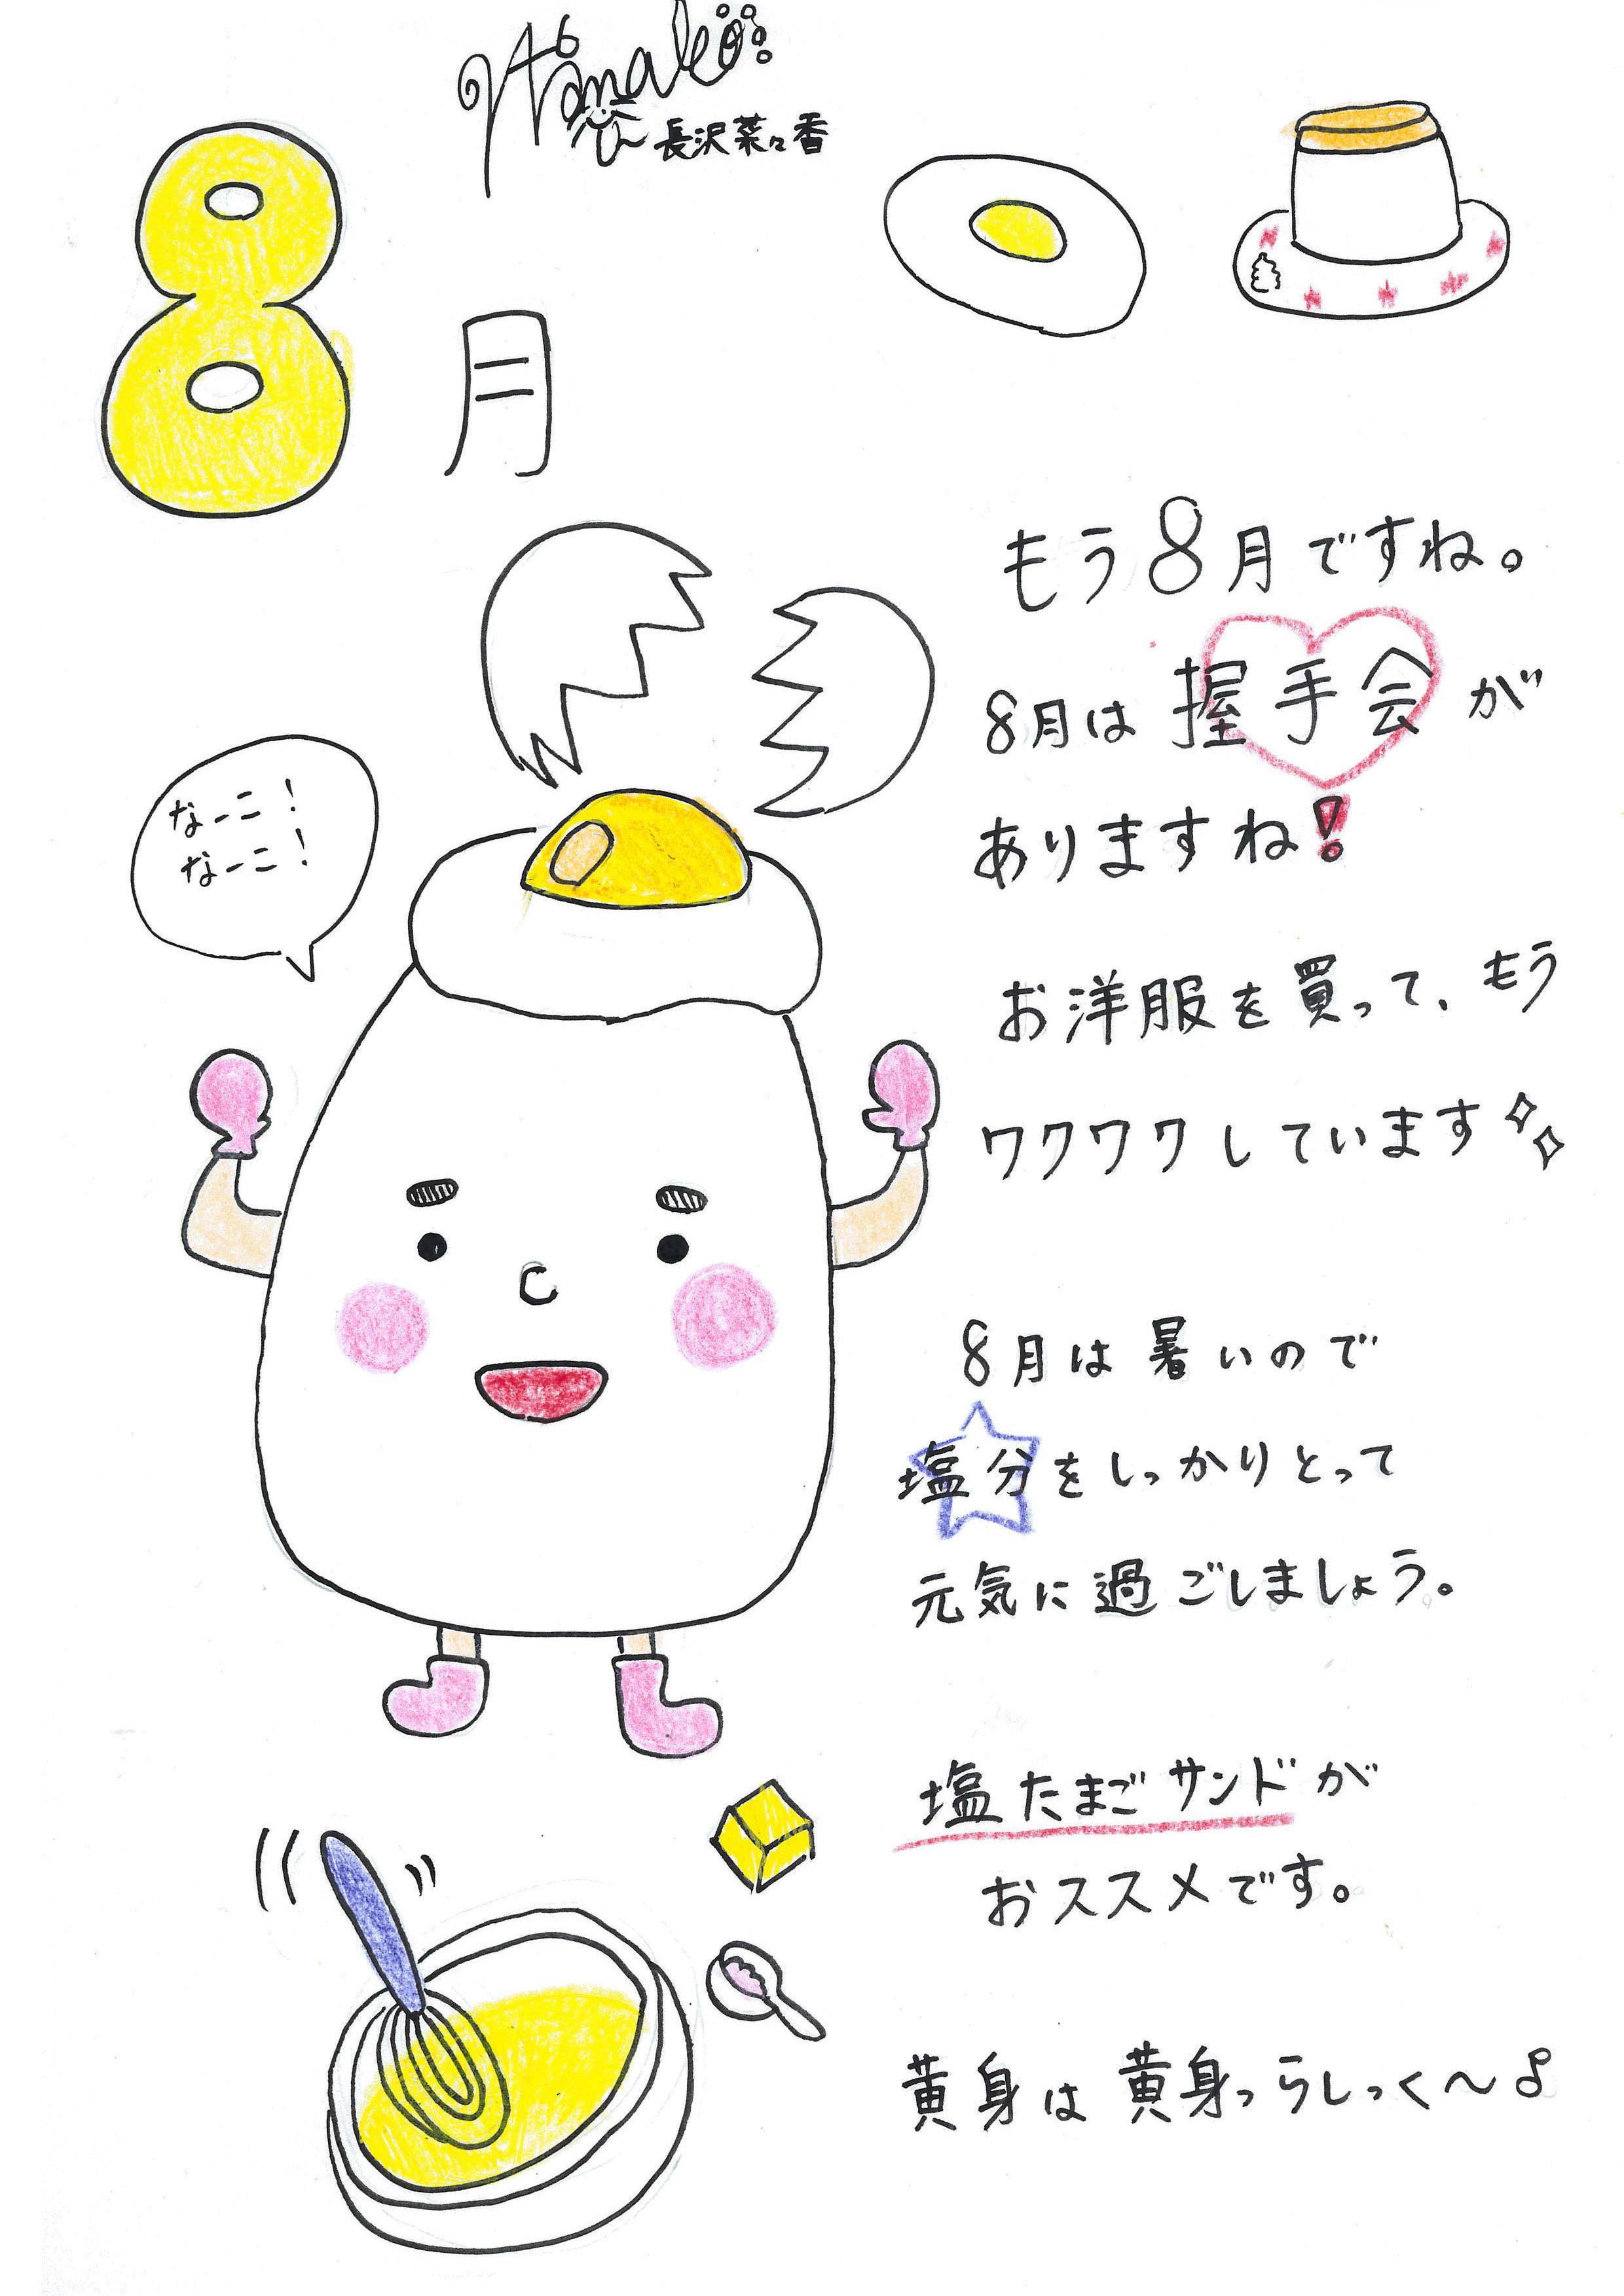 【欅坂46】長沢菜々香応援スレ★11【なーこなーこ】YouTube動画>20本 ->画像>177枚